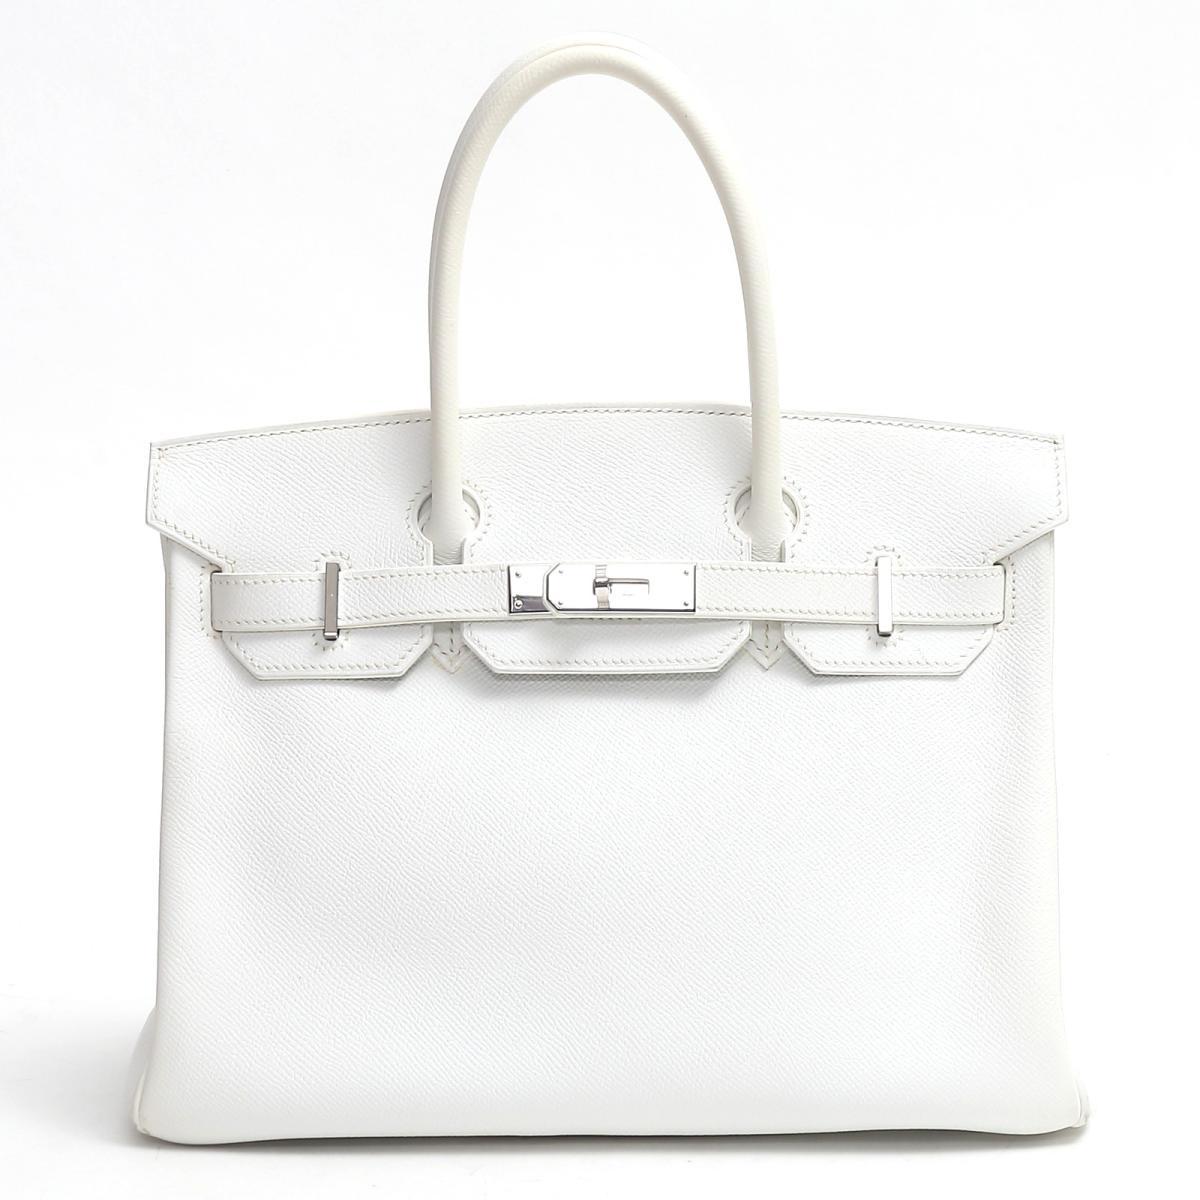 【中古】エルメス バーキン30 ハンドバッグ バッグ レディース ヴォーエプソン ホワイト(金具:シルバー)